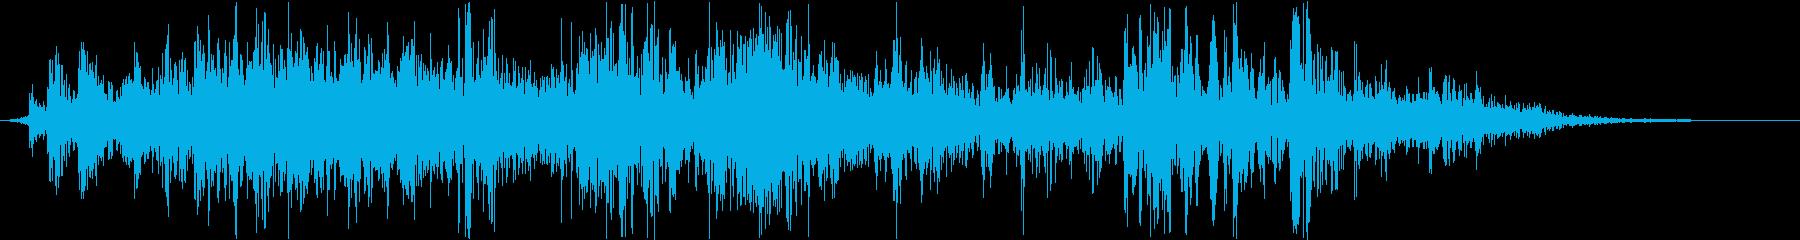 ヘビーウッドクランチミュートクラッシュの再生済みの波形